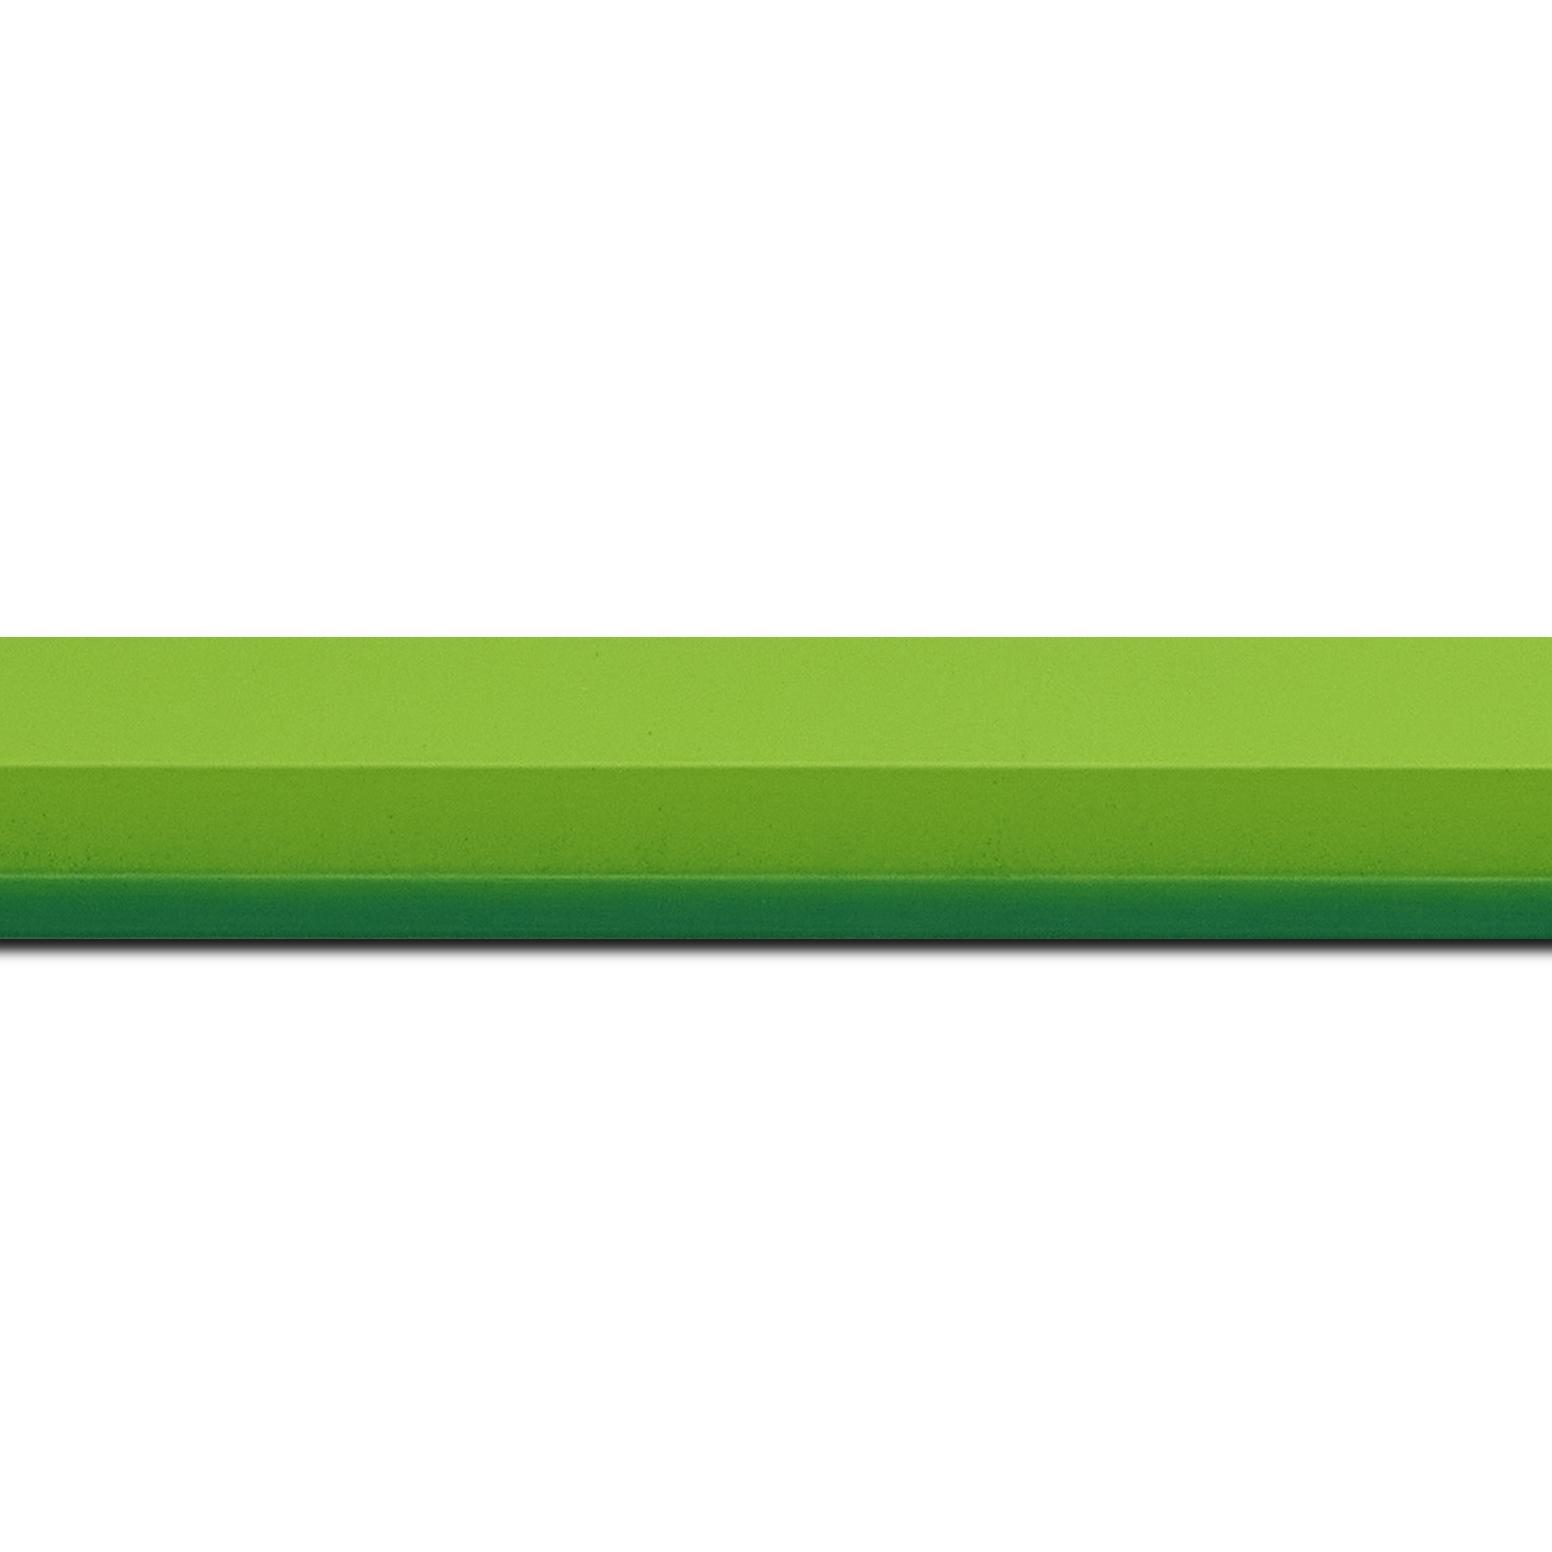 Baguette longueur 1.40m bois profil plat profil plat 3 faces largeur 2.8cm de couleur vert tendre mat , nez intérieur vert foncé mat dégradé (finition pore bouché)